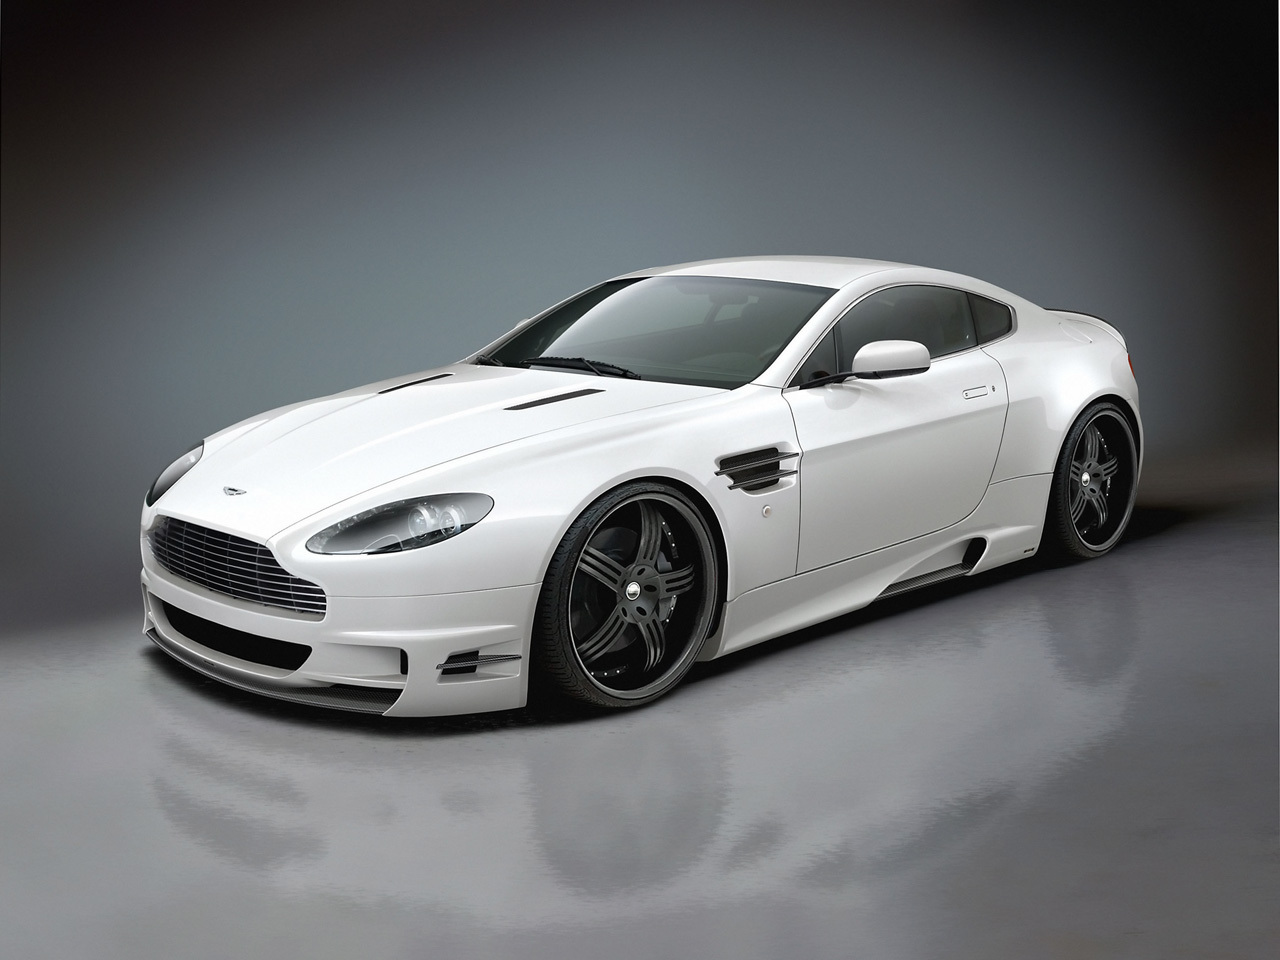 http://3.bp.blogspot.com/-KKXIAZ7mfzM/Tt6bJhUBgYI/AAAAAAAAAwo/A38Mb6ktIpM/s1600/White+Aston+Martin+Wallpaper.jpeg